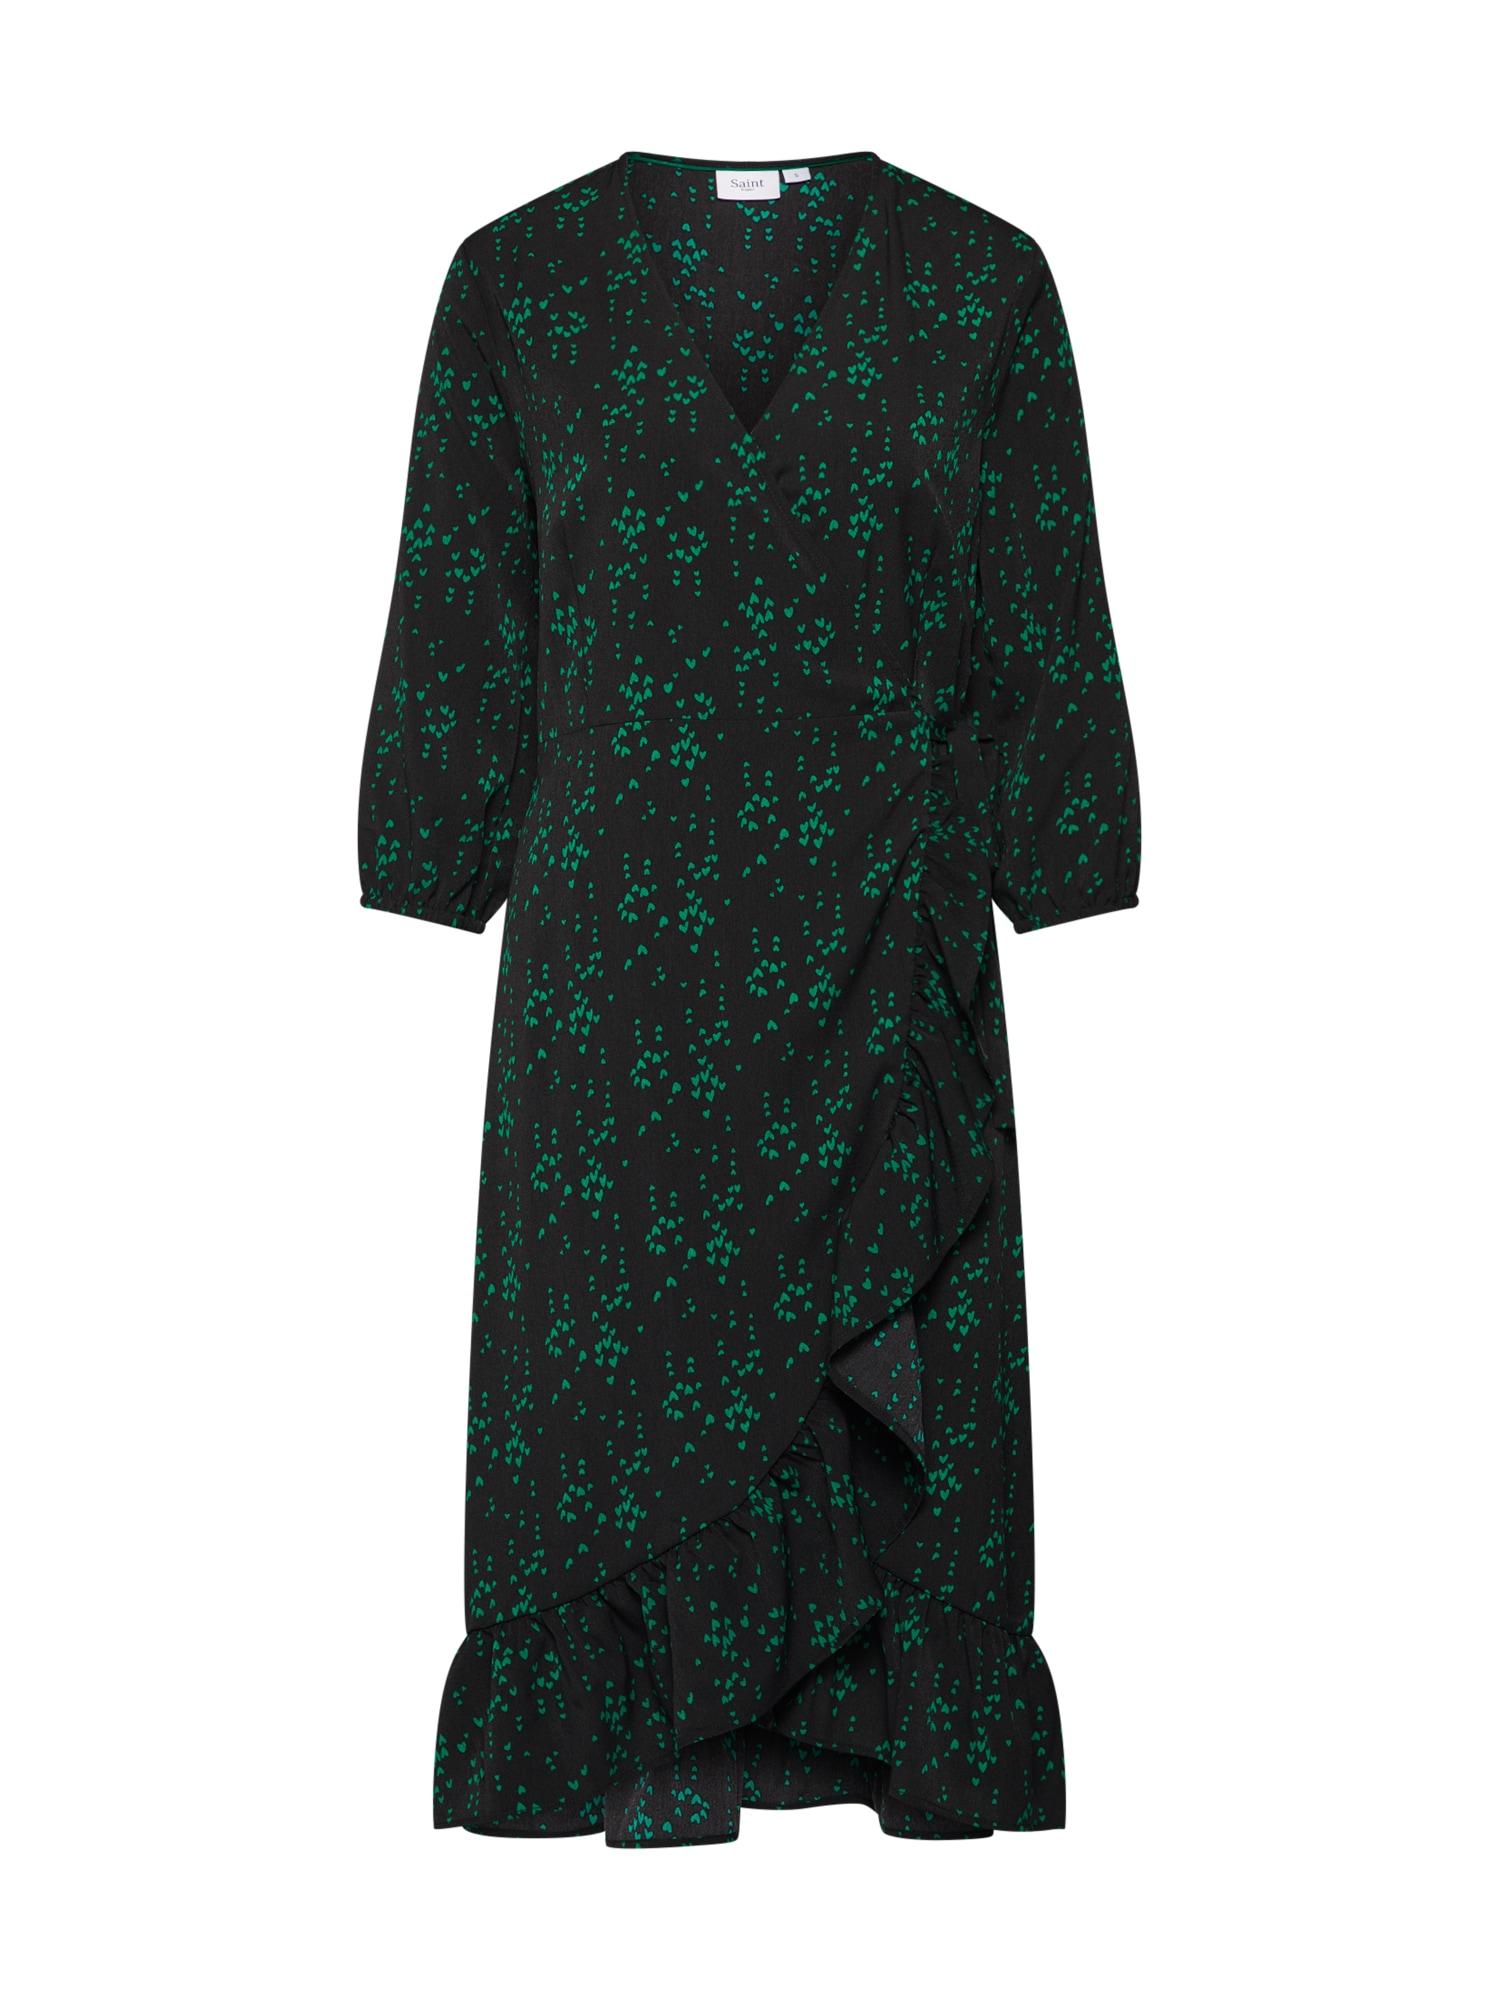 Šaty WOVEN DRESS 34 SLEEVE tmavě zelená černá SAINT TROPEZ